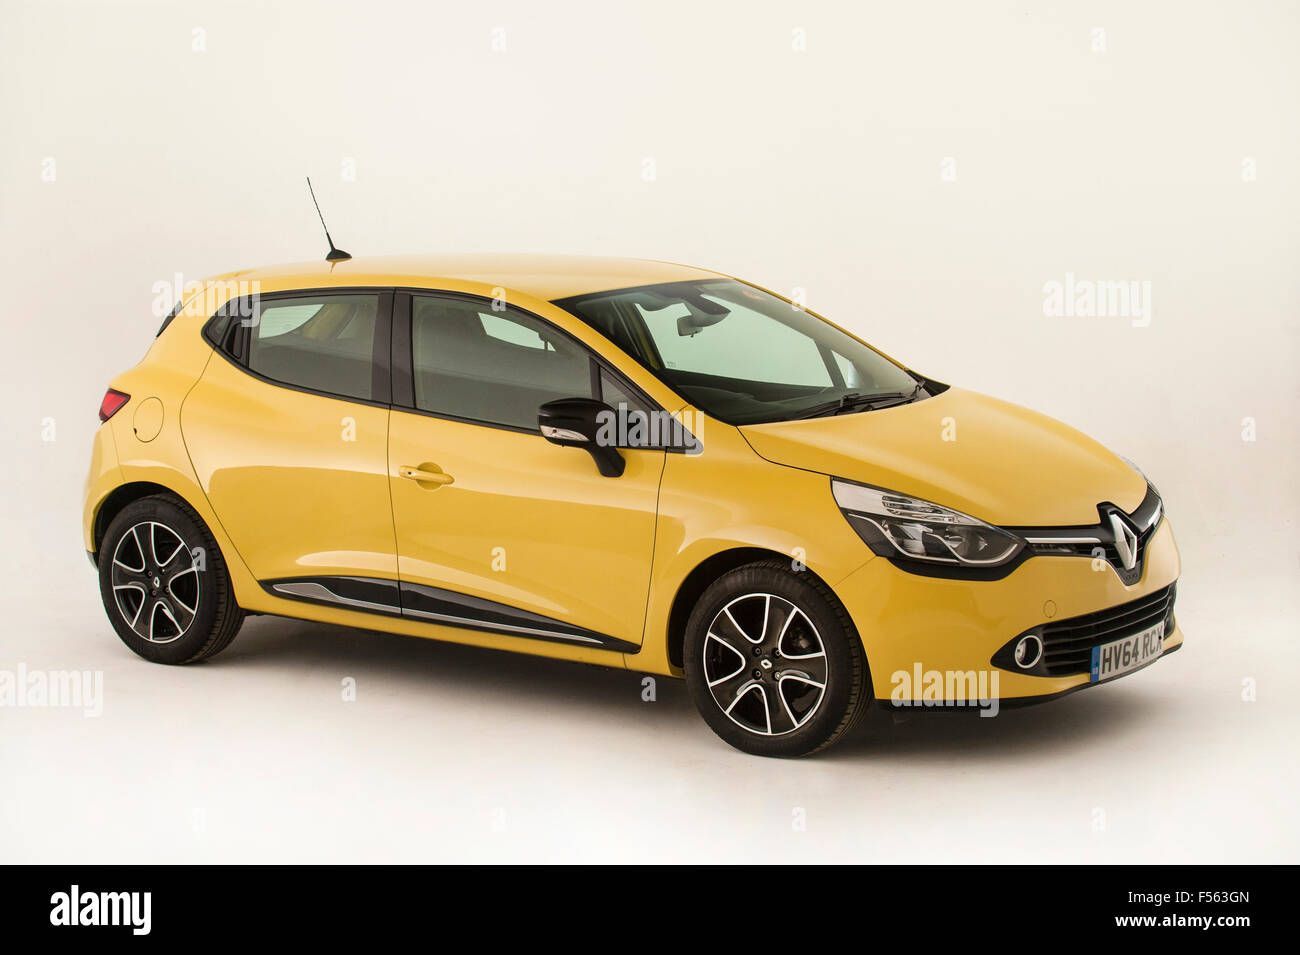 2014 Renault Clio Photo Stock